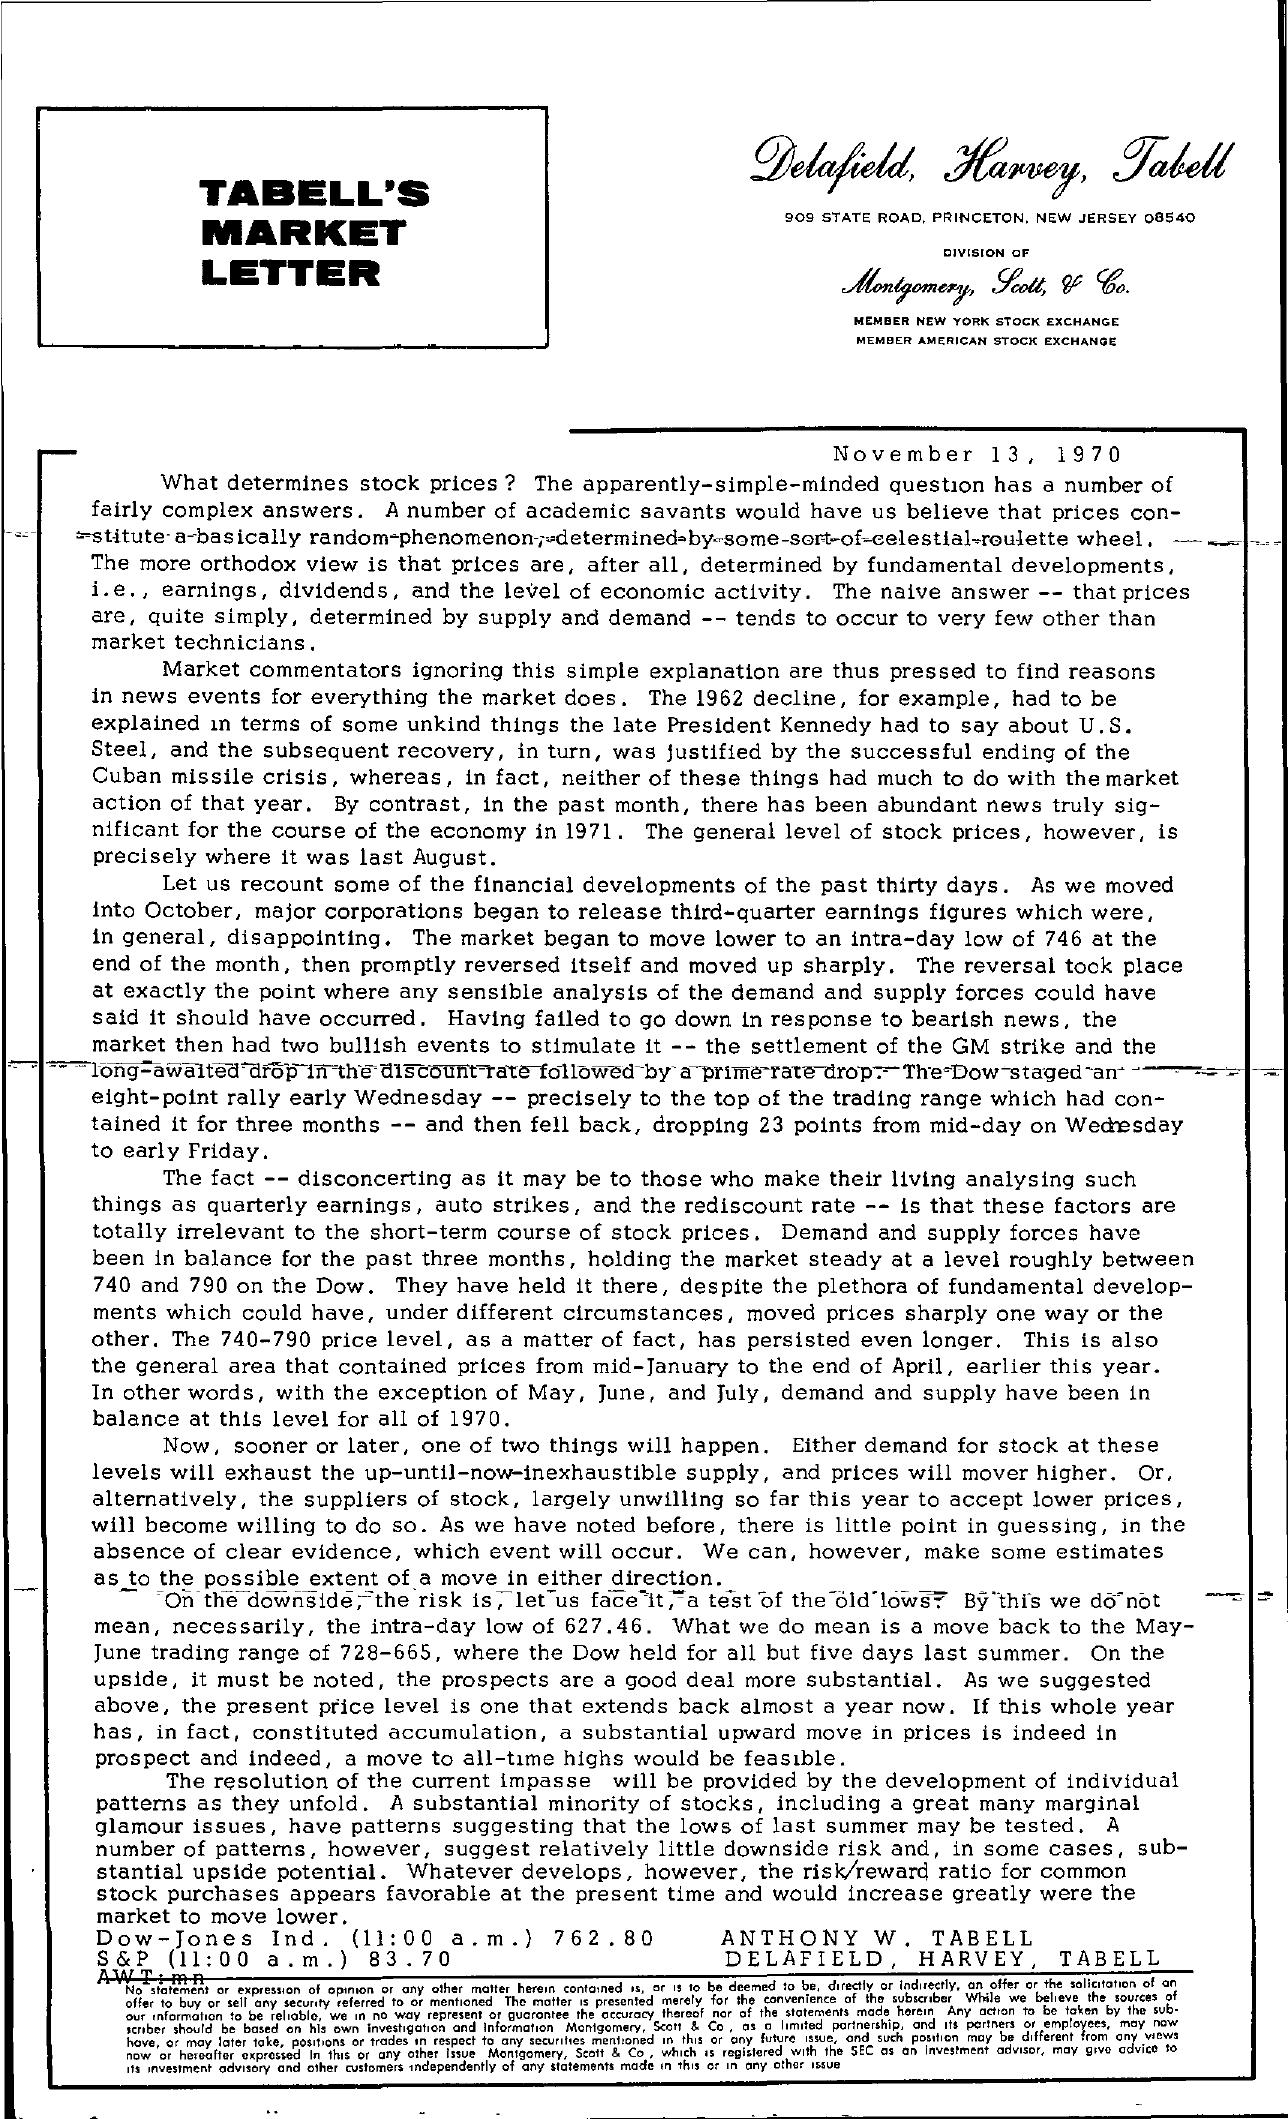 Tabell's Market Letter - November 13, 1970